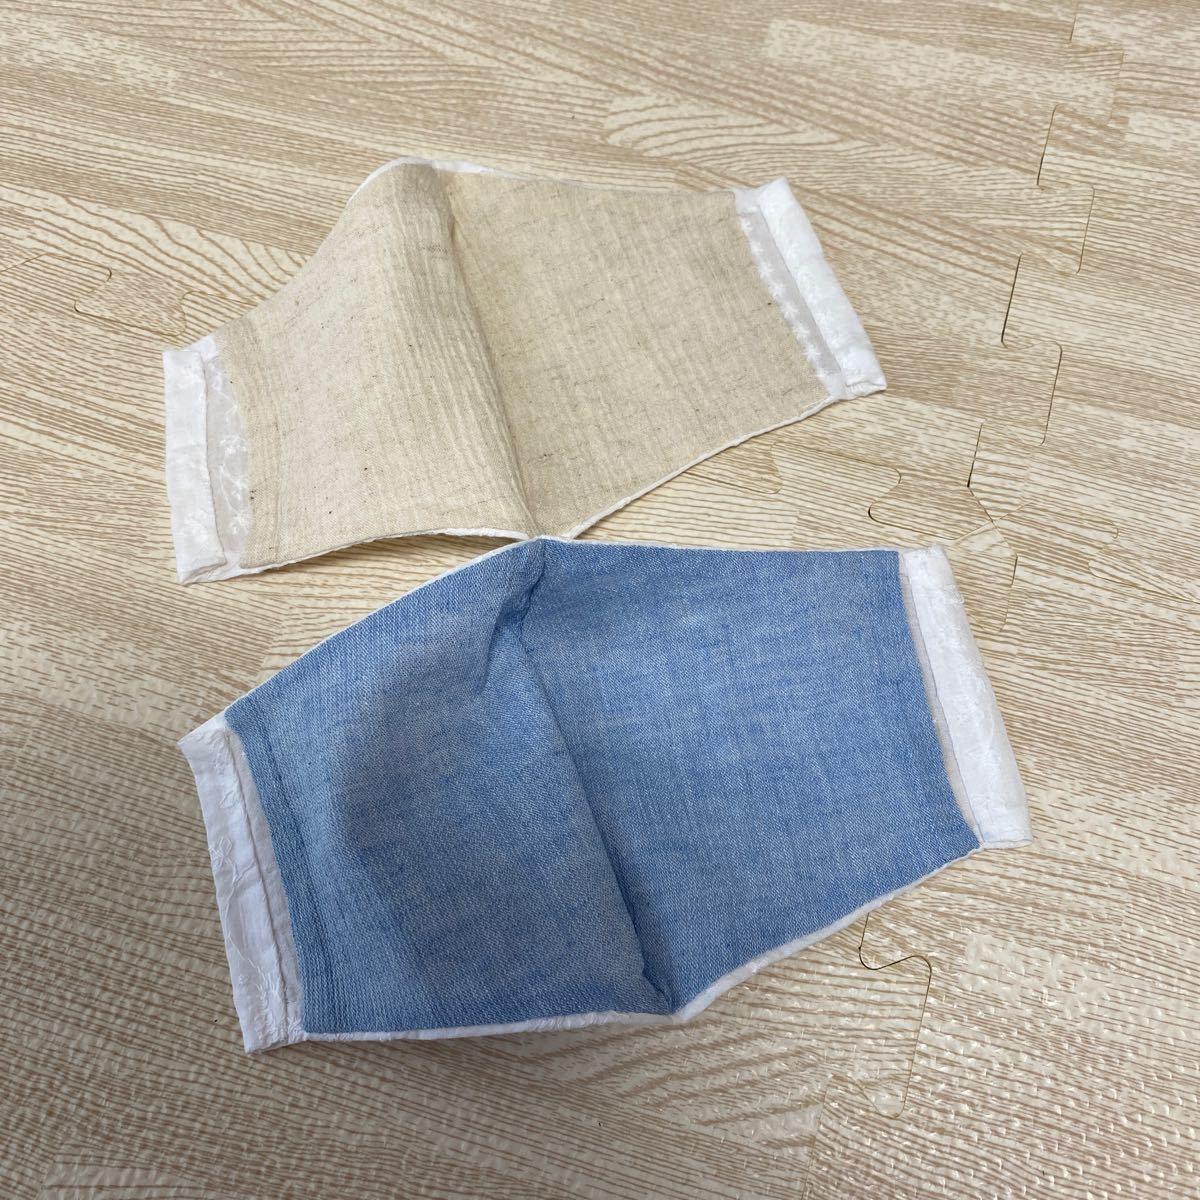 ハンドメイド インナーカバー インナーシート 薄手 麻 綿 涼しい素材 刺繍 ナチュラル2枚 収納ポケット付きはぎれ布付 NO31